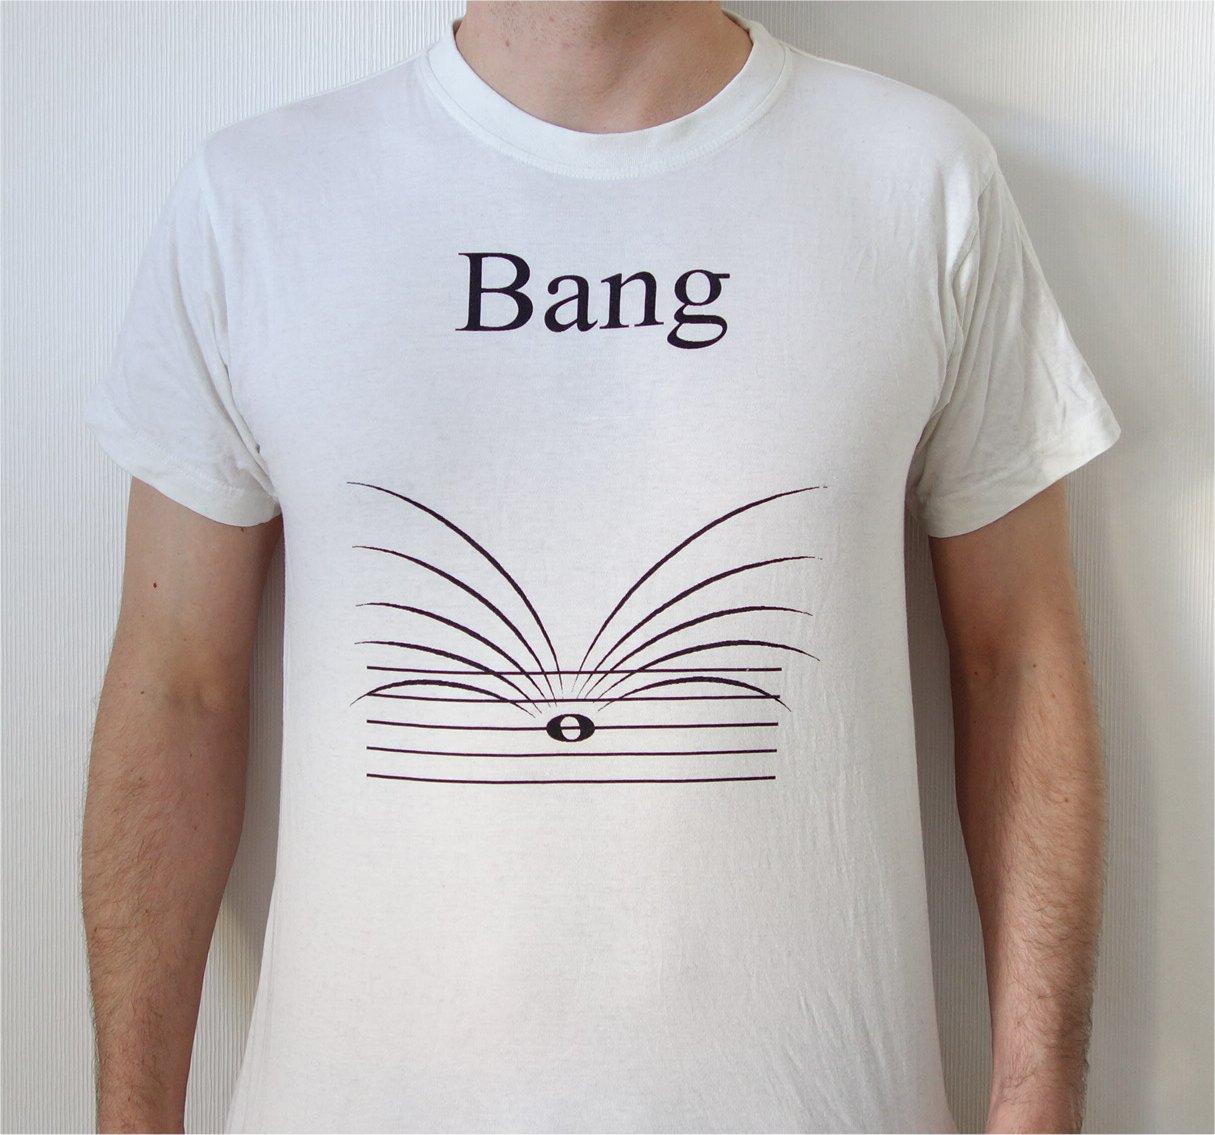 dokumentation-shirt